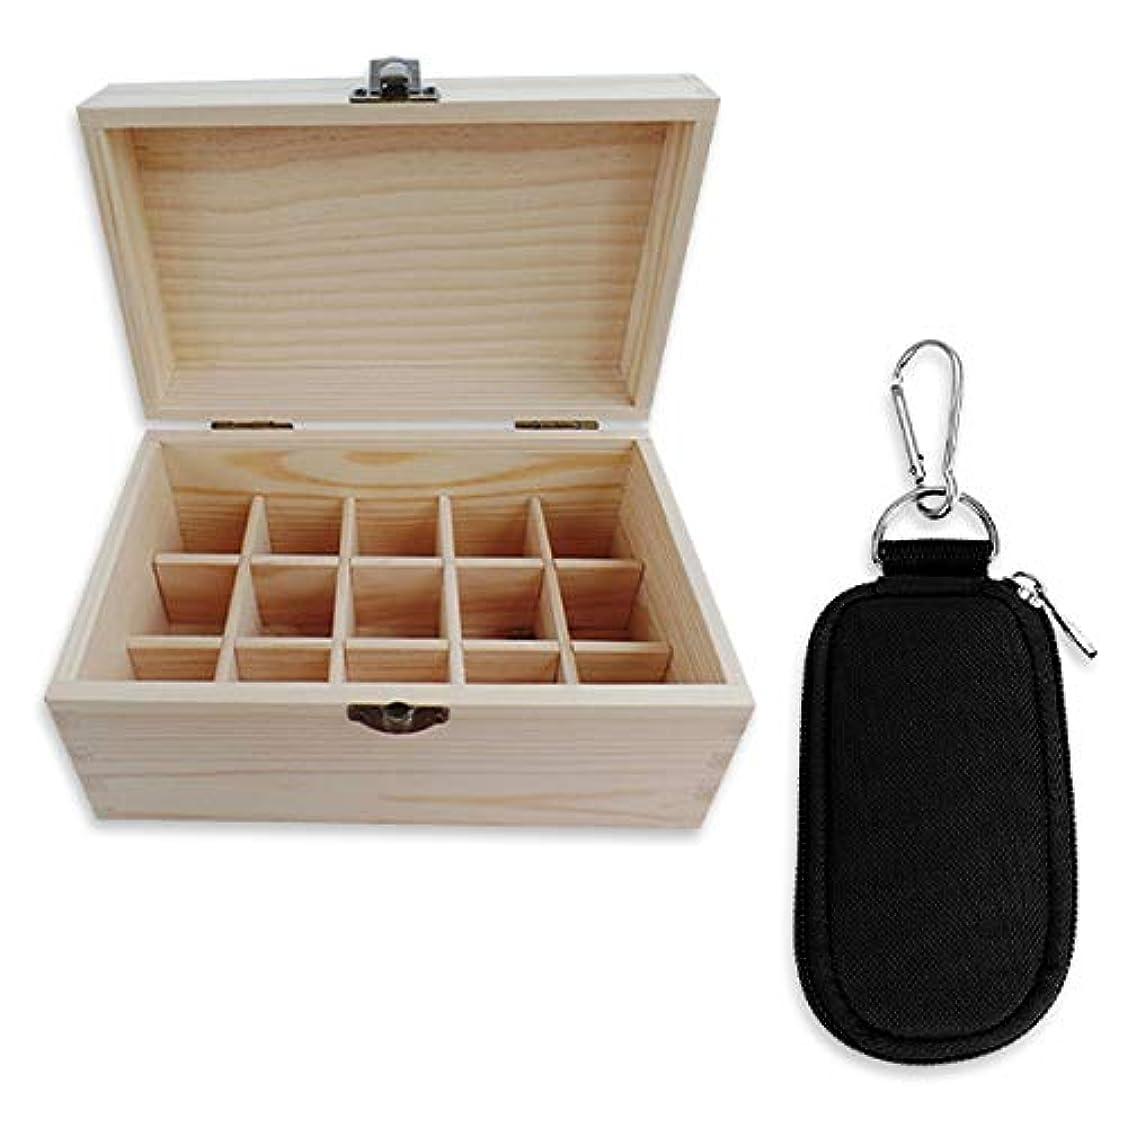 不正確セクタ返済HAMILO エッセンシャルオイル収納ボックス 木製ケース オイル収納ボックス 遮光瓶用ポーチ付 (2点セット)